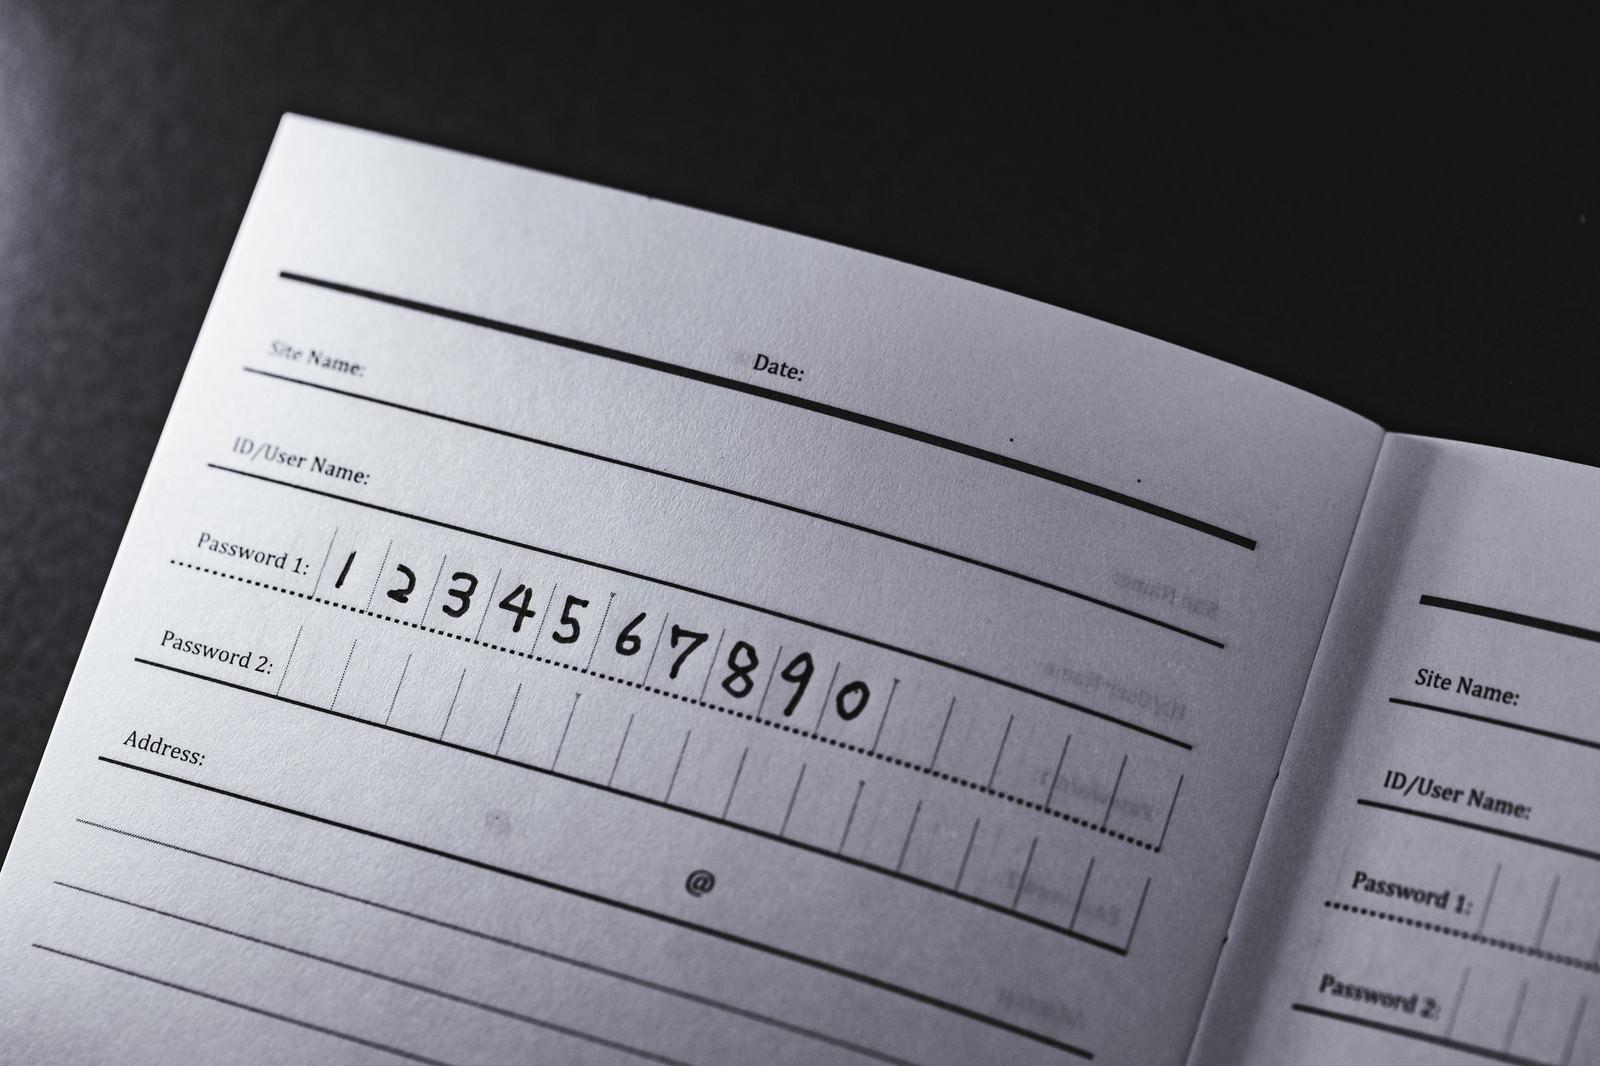 「パスワードの文字列が「1234567890」」の写真